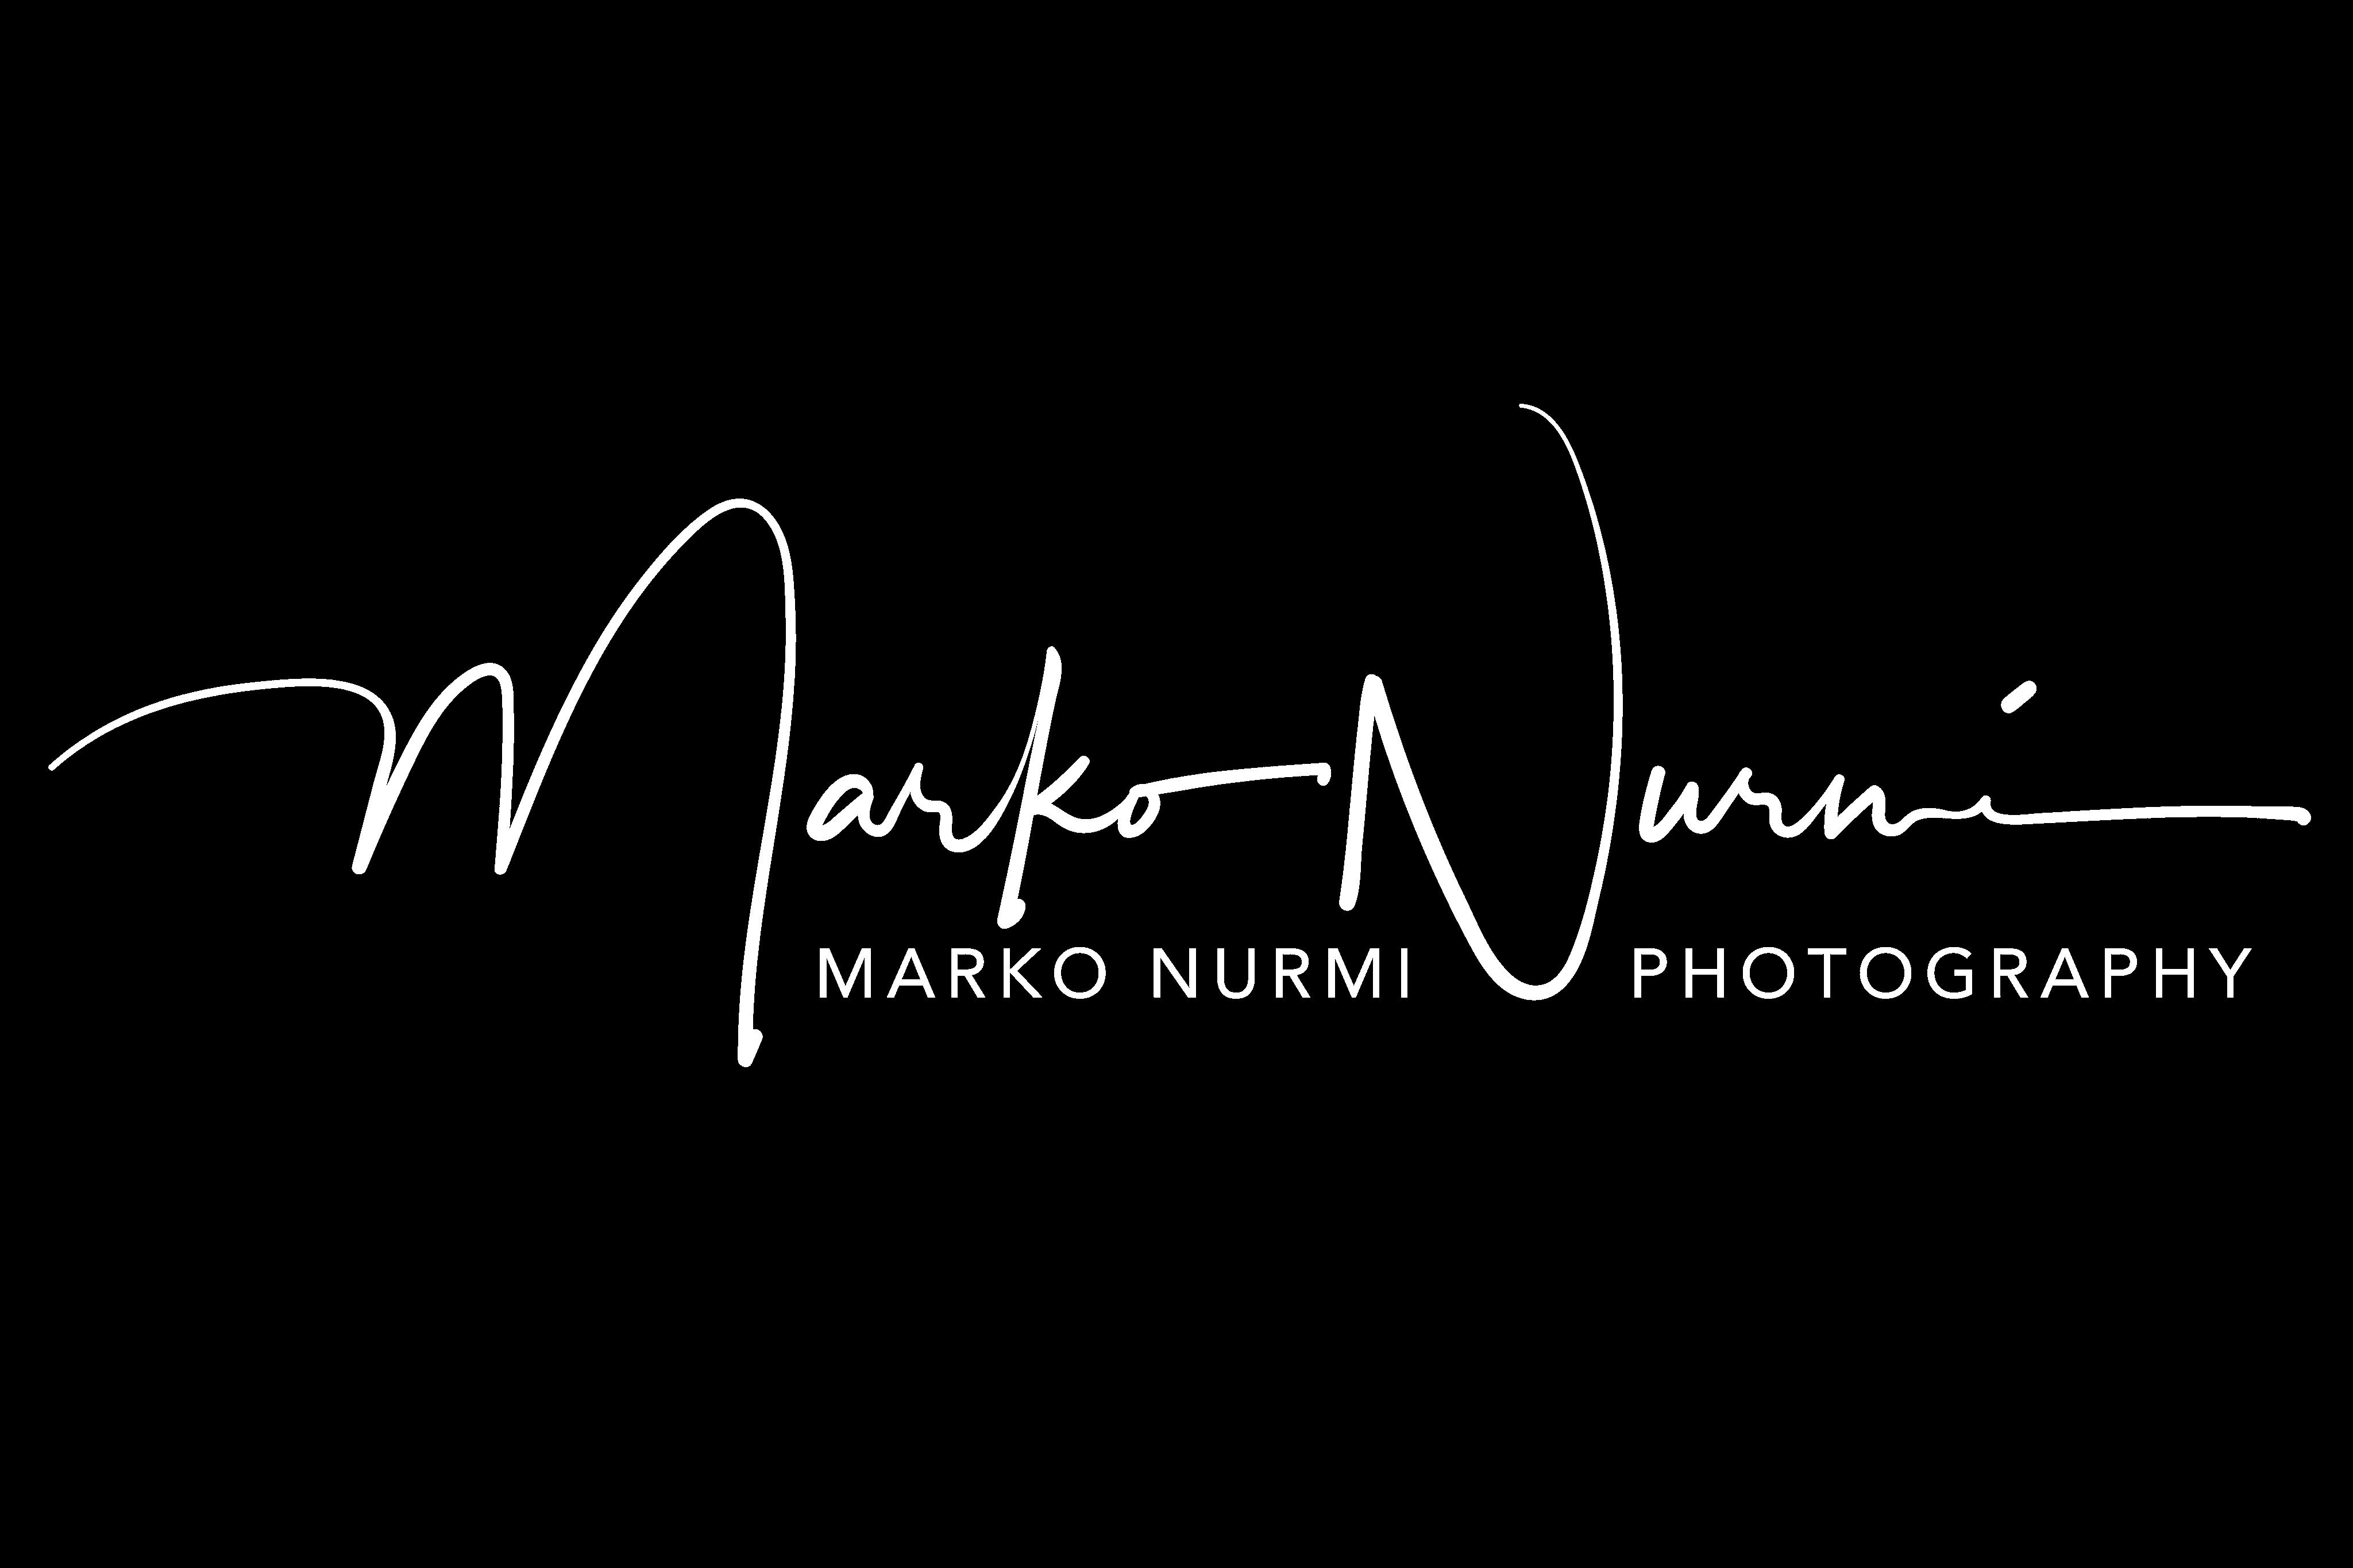 Marko Nurmi